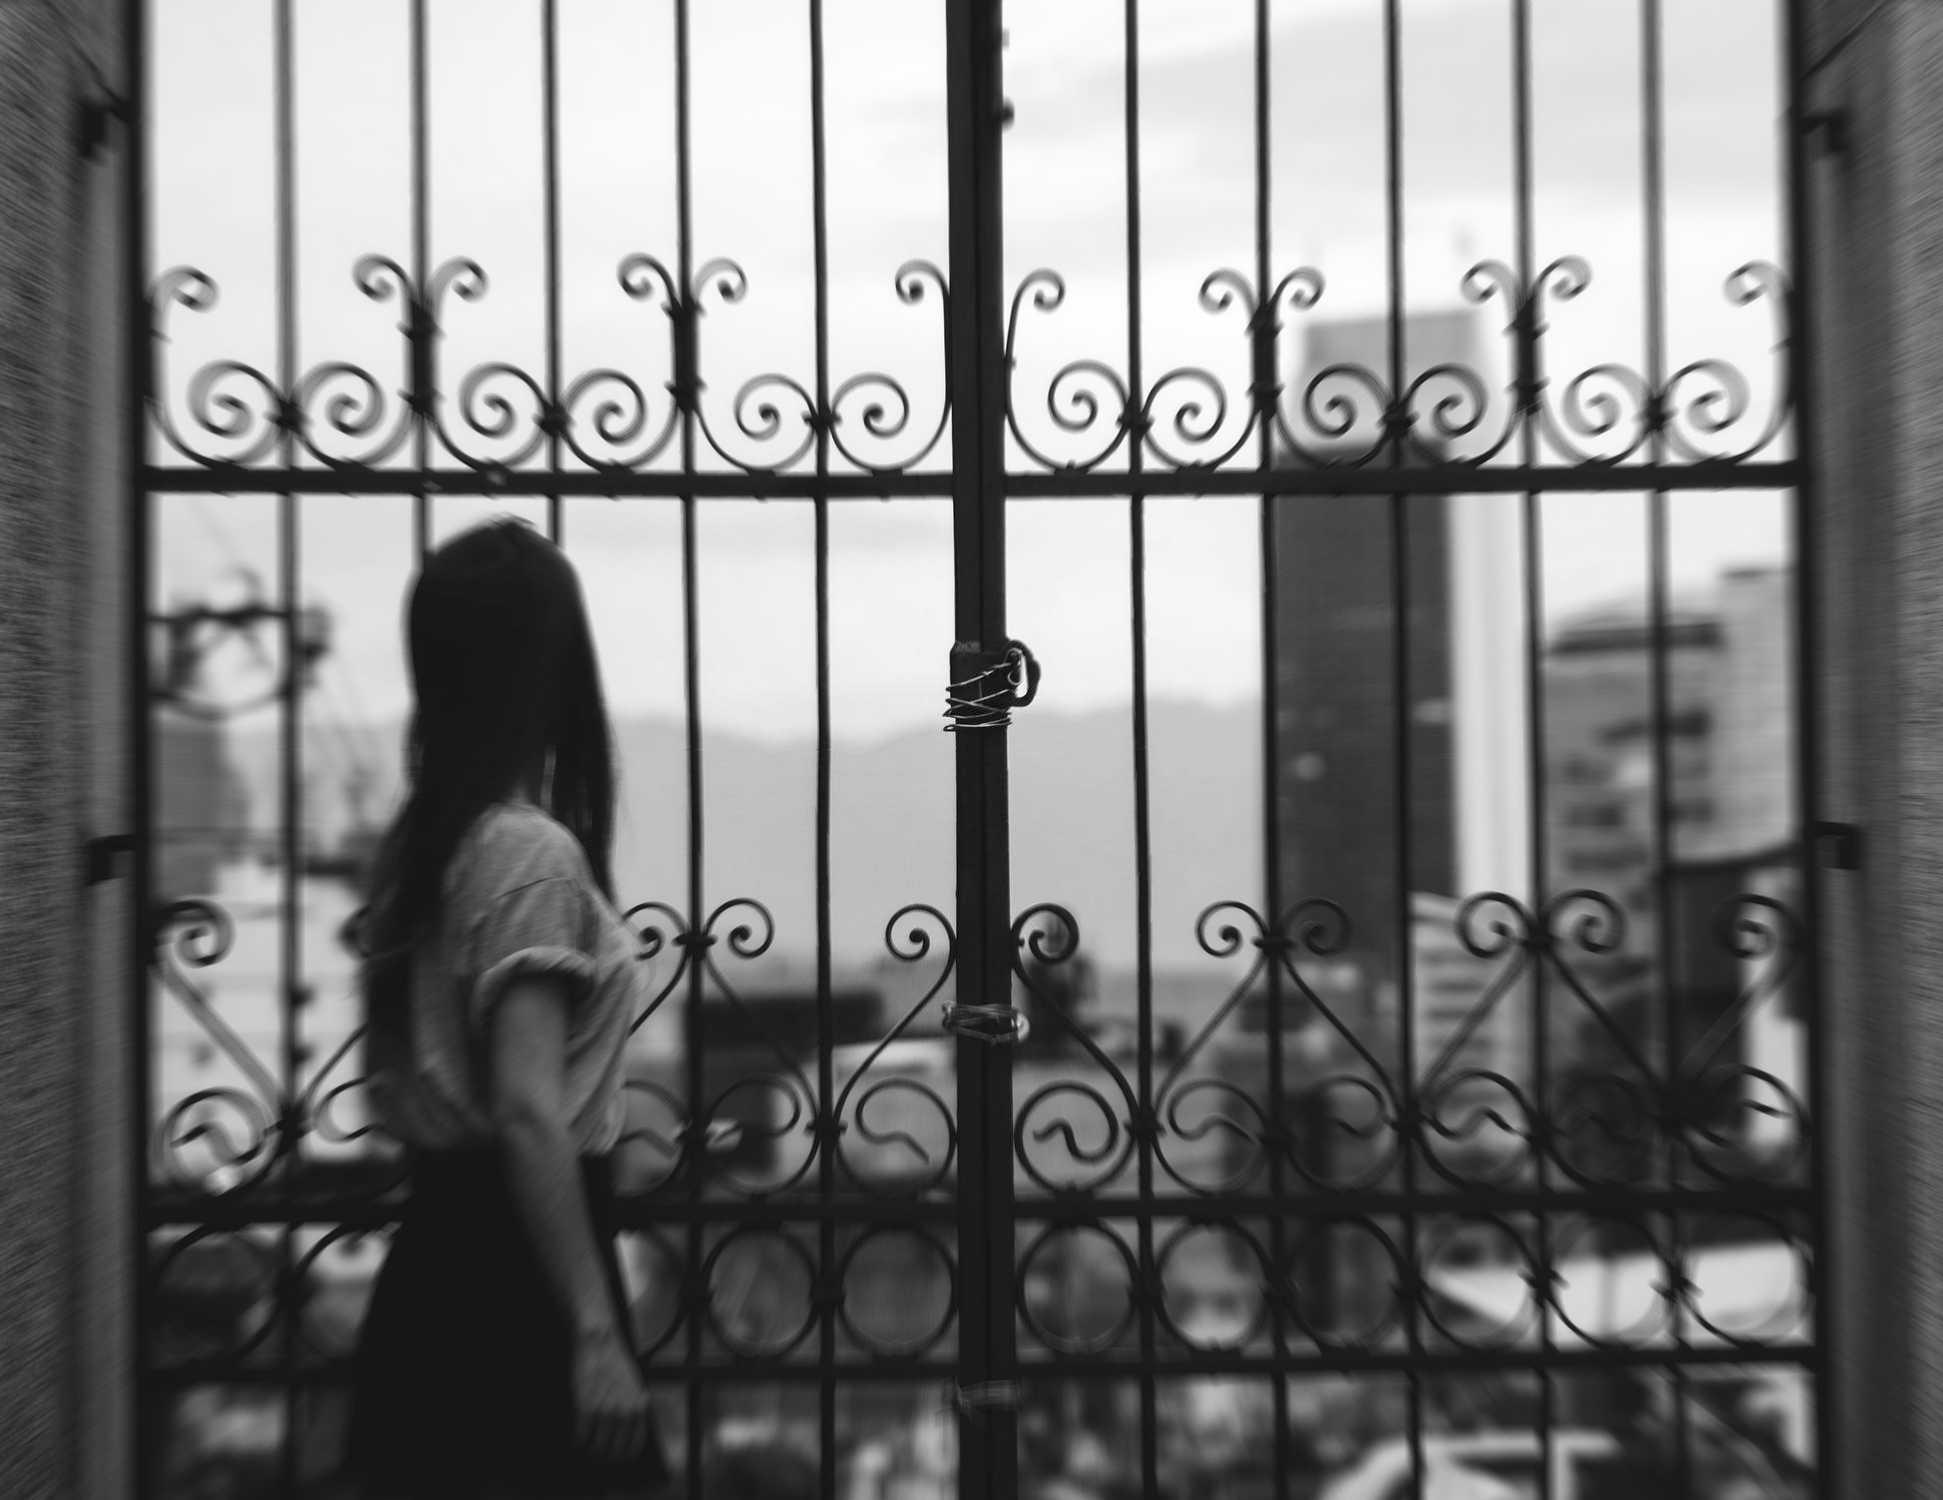 Cancello - Interpretazione dei sogni